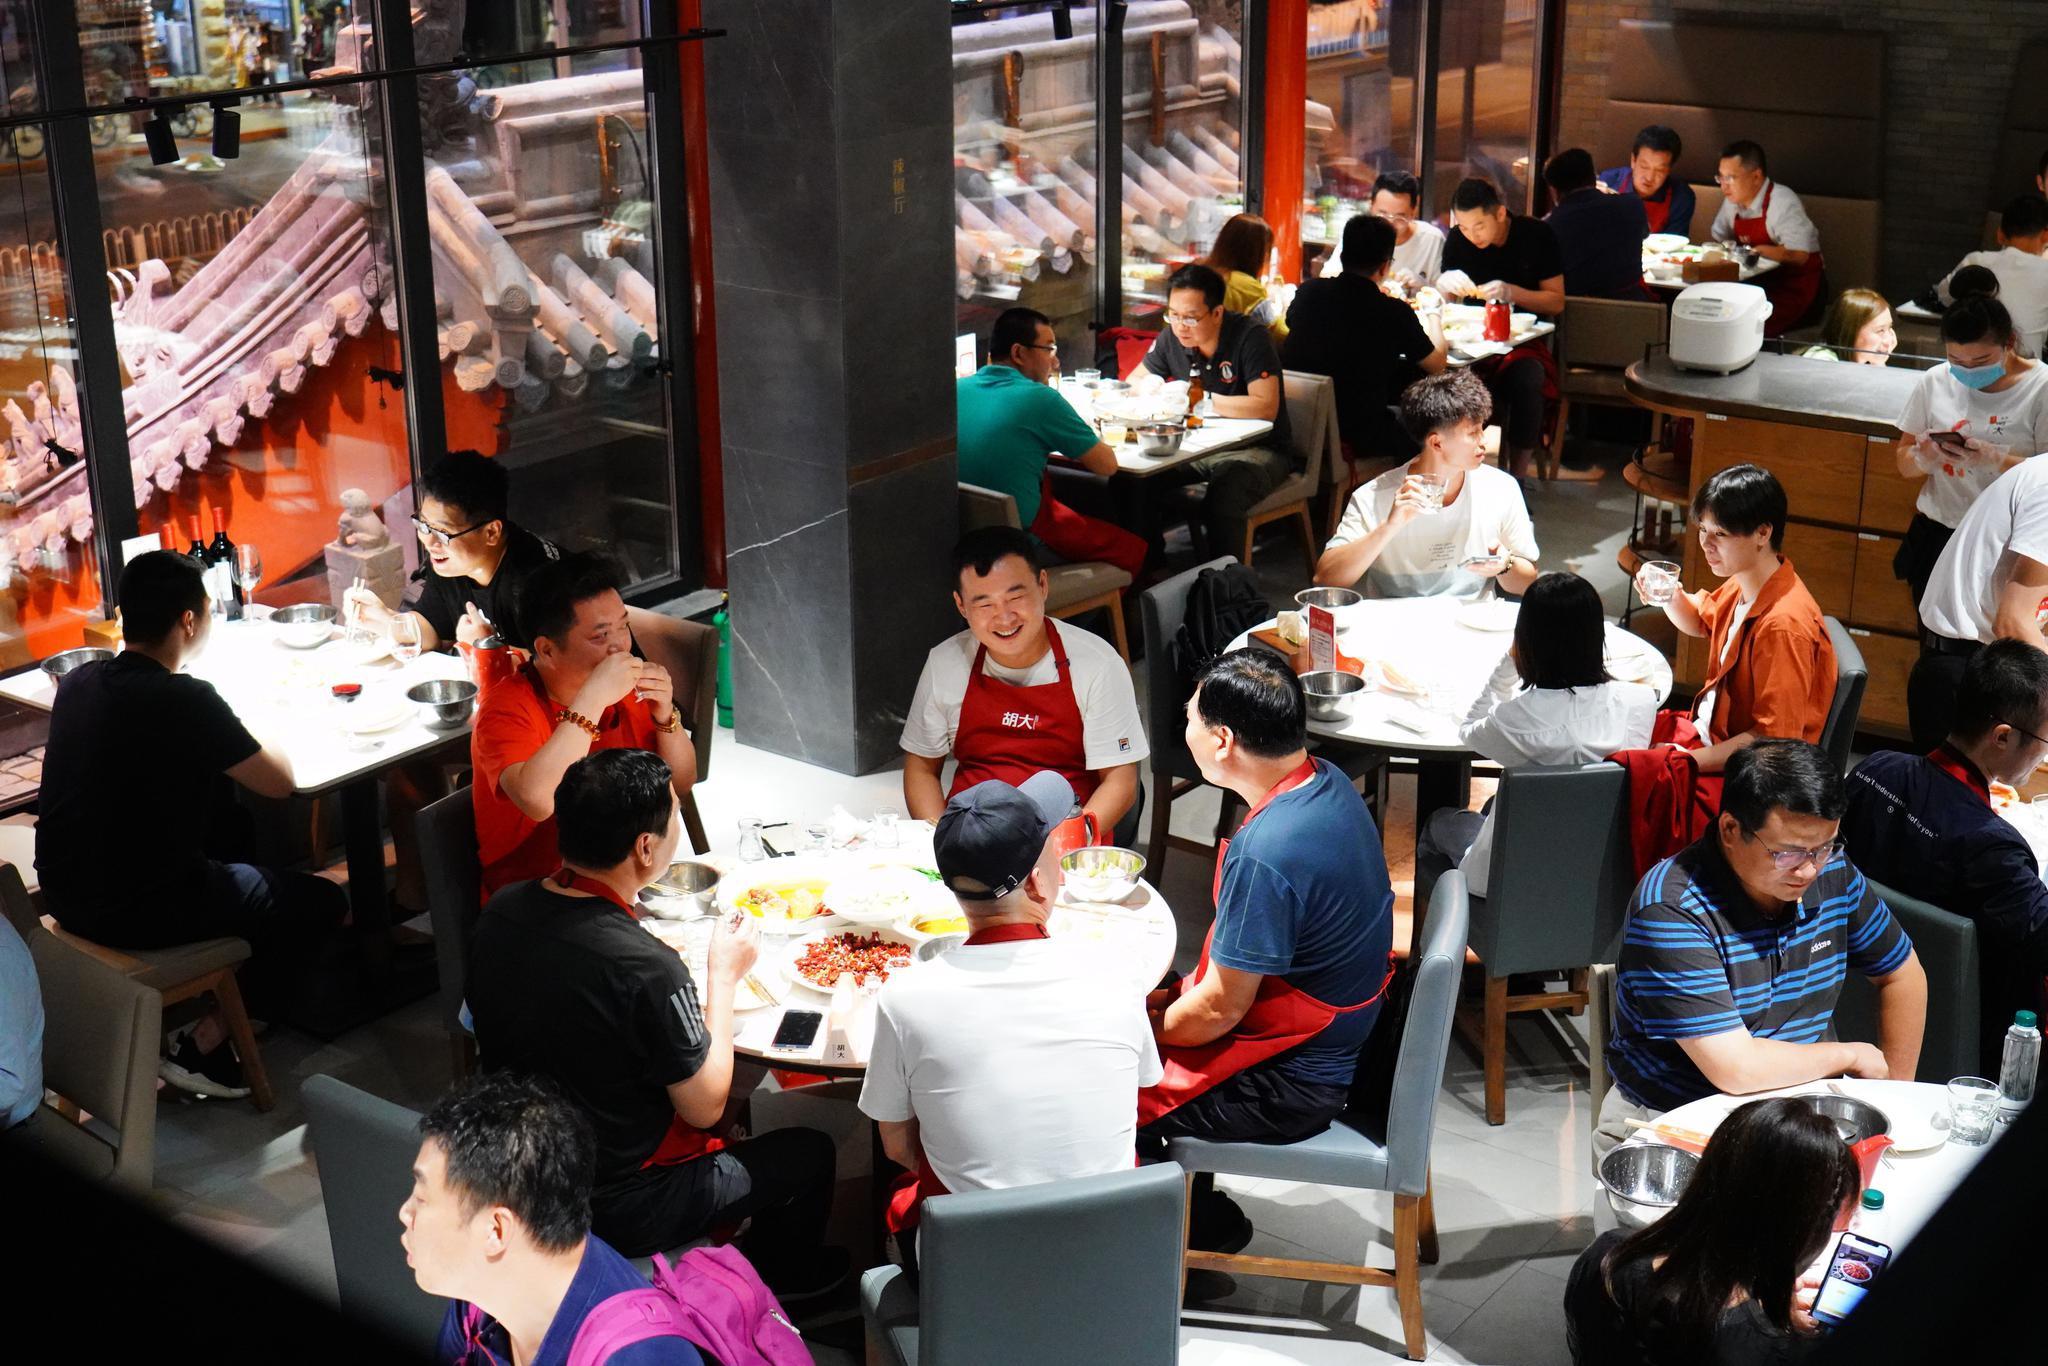 """北京多家餐厅包间已订满,""""十一""""假期预计迎消费""""爆点""""图片"""